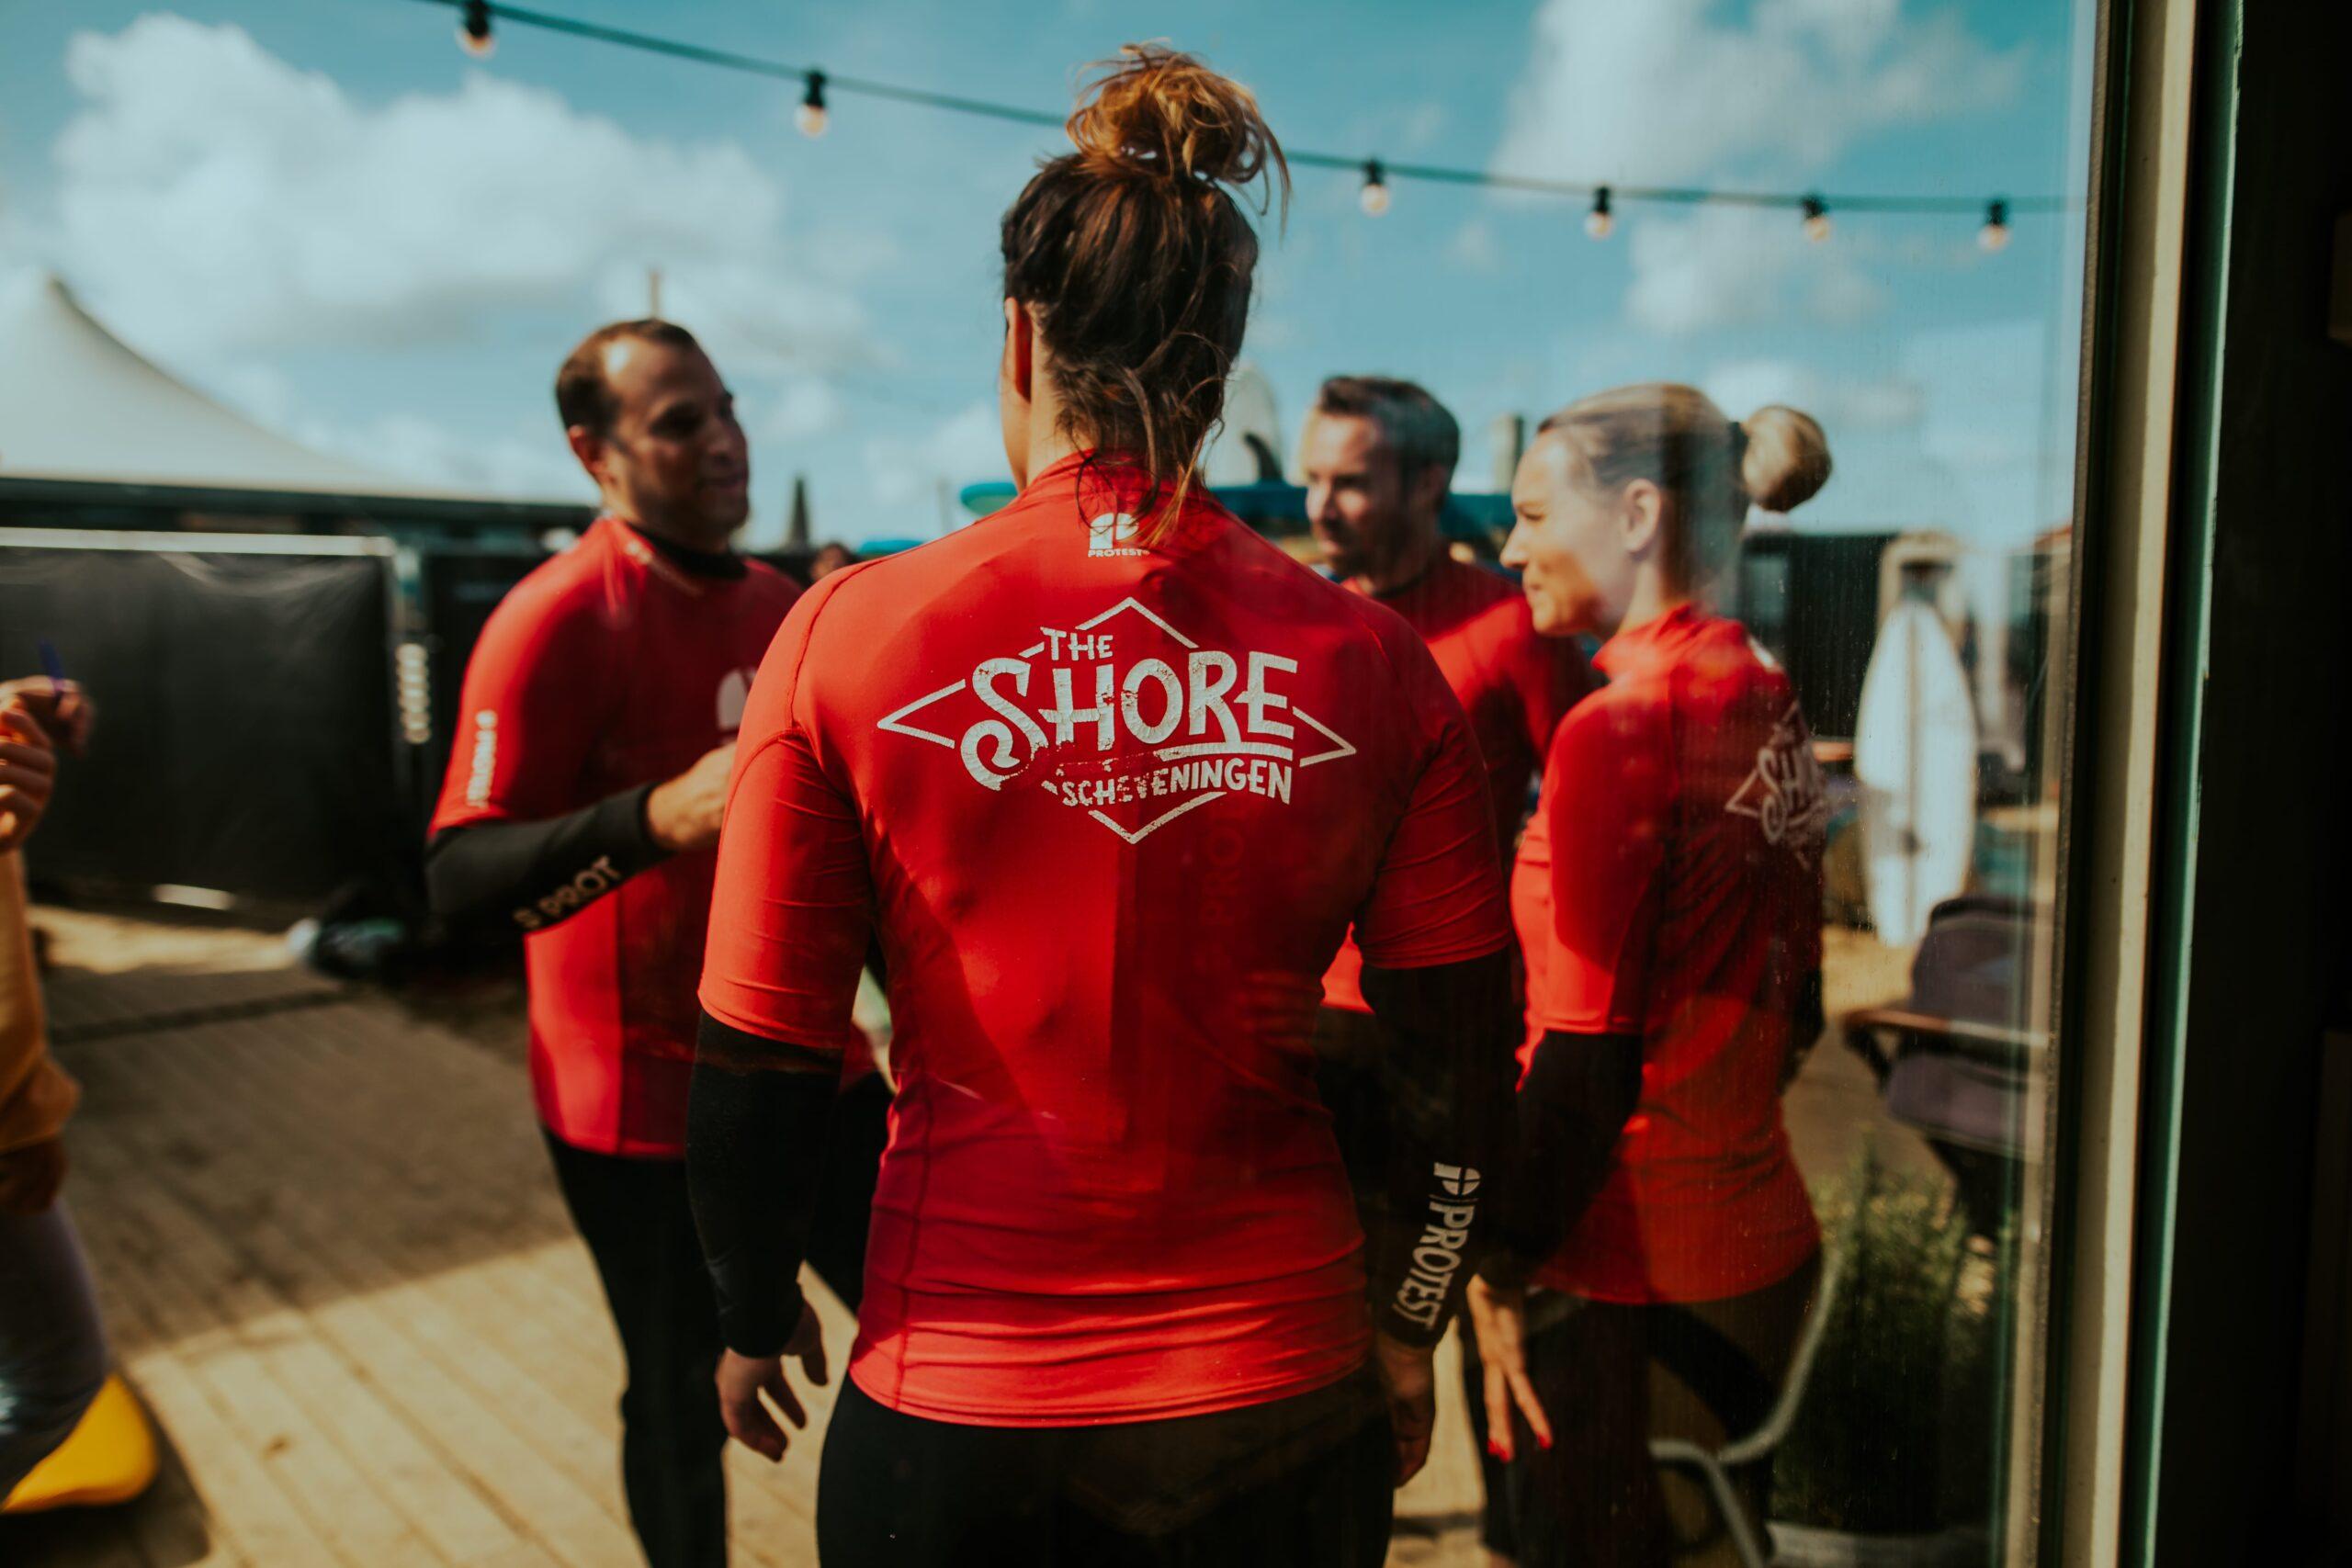 Surfen voor bedrijven